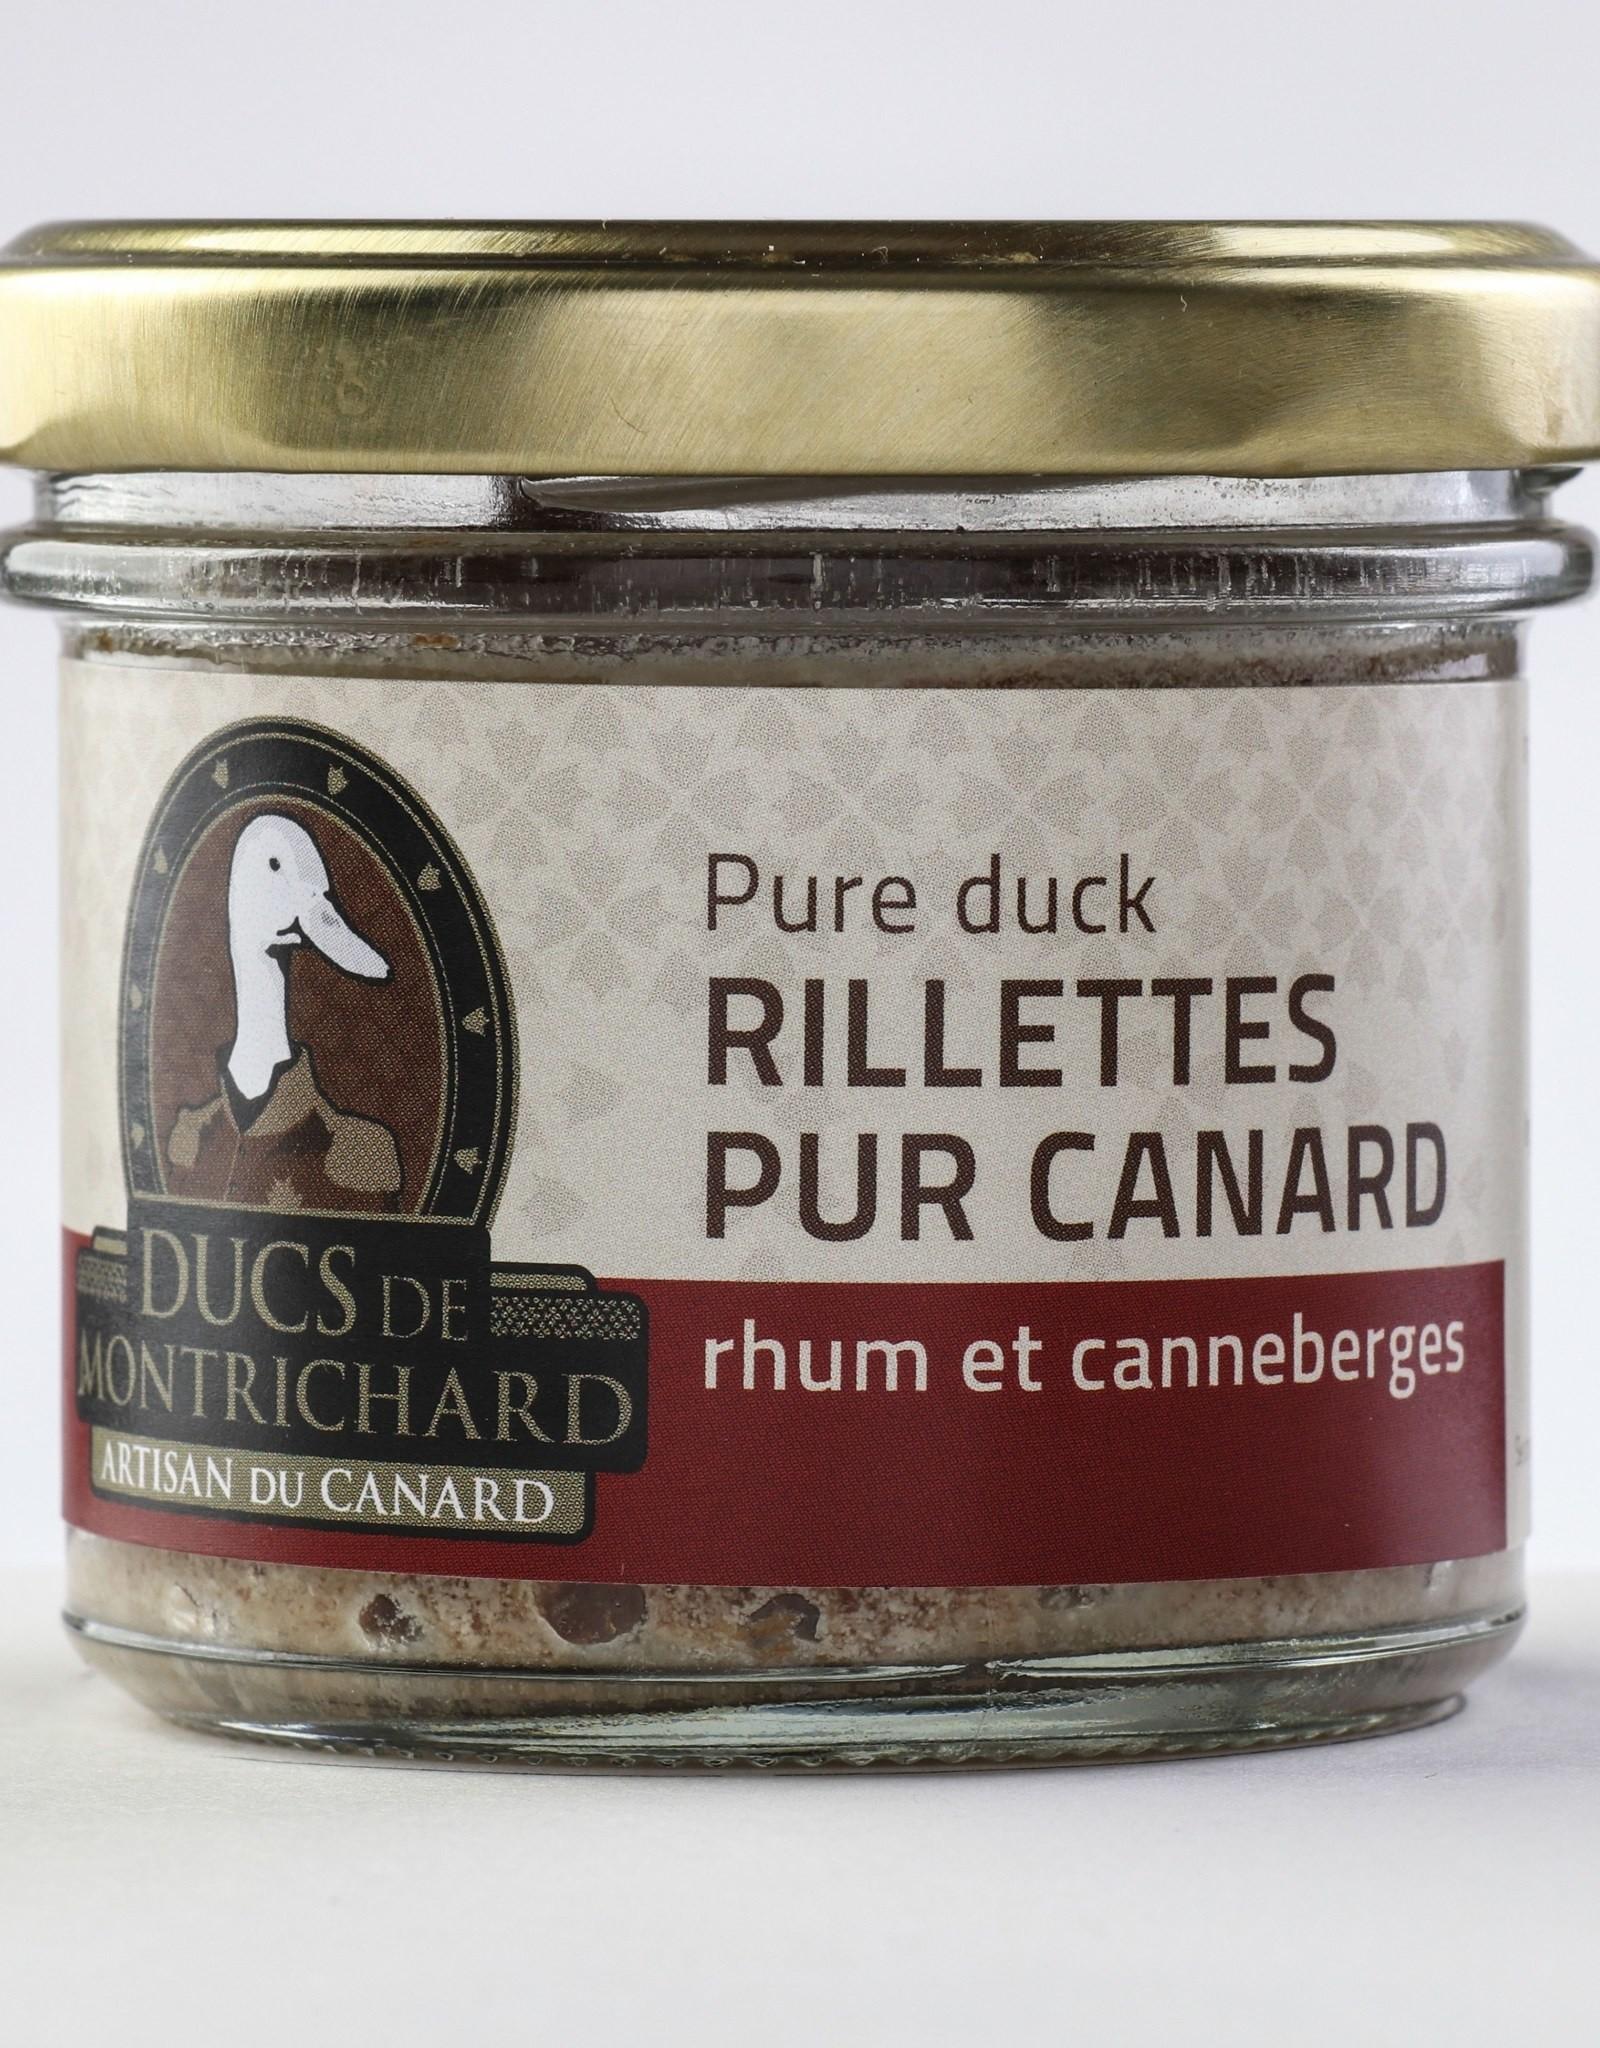 Rillettes de canard - Rhum et canneberges